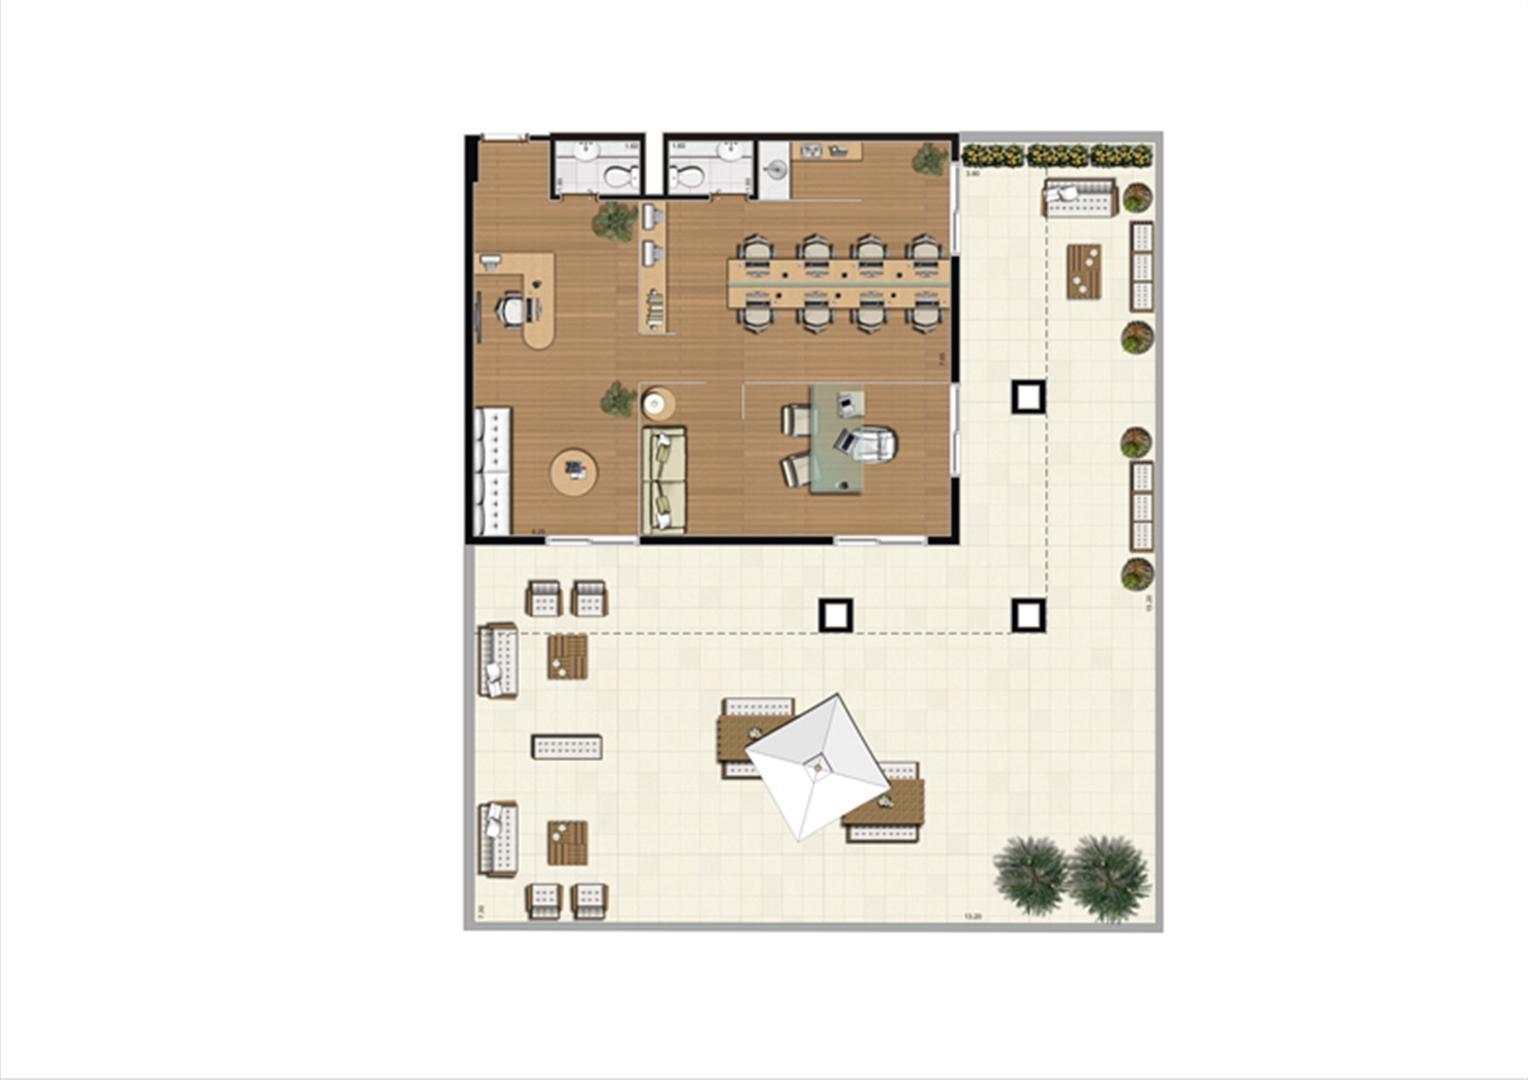 Giardino de 208 m² Final 16 | Luzes da Mooca - Atrio Giorno – Salas Comerciais na  Mooca - São Paulo - São Paulo